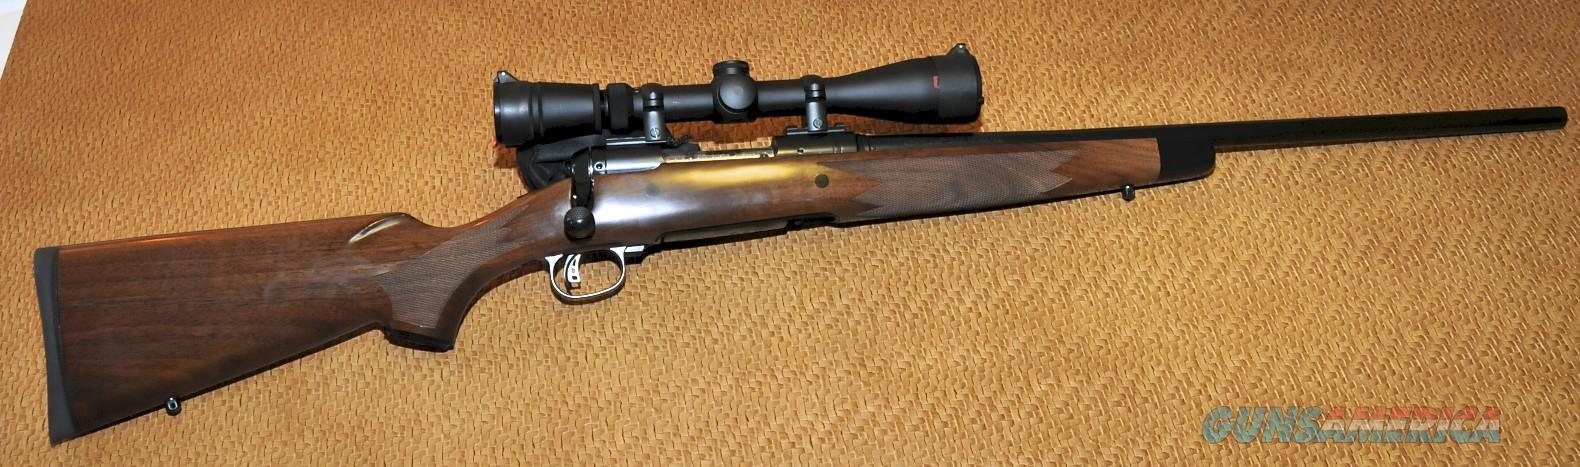 SAVAGE Model 14 American Classic -.300 WSM  Guns > Rifles > Savage Rifles > 14/114